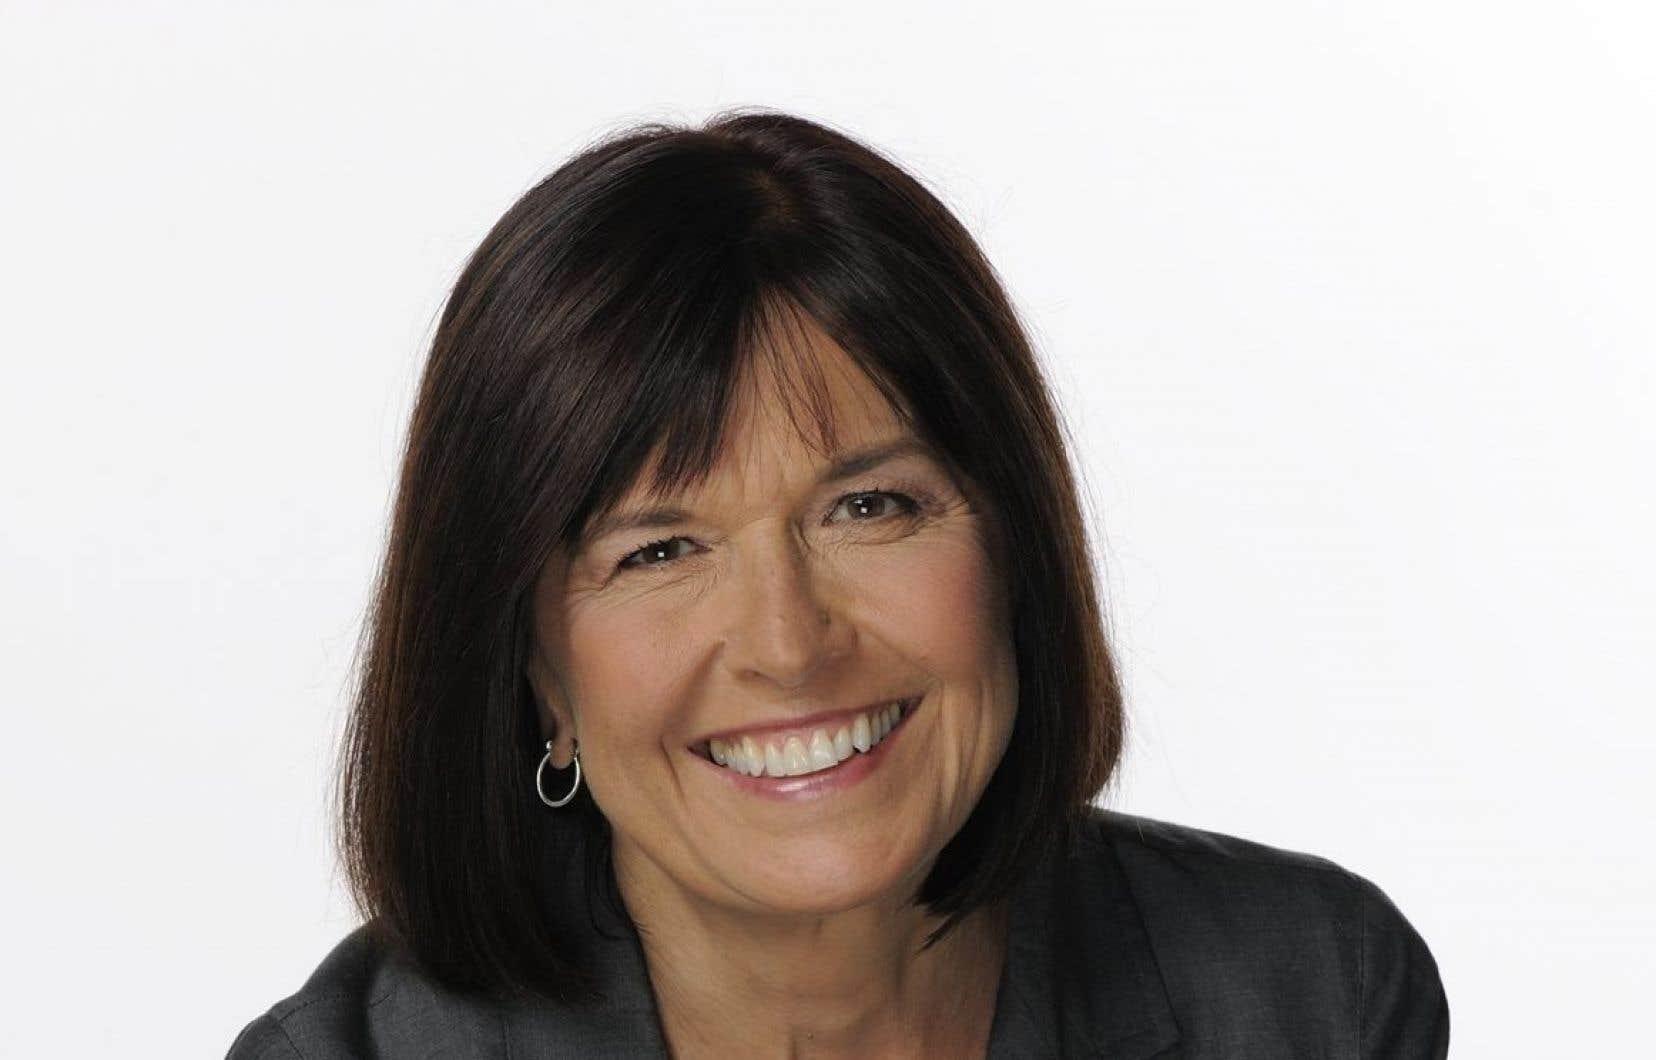 Anne Panasuk aa consacré une grande partie de sa carrière à documenter les enjeux autochtones notamment pour l'émission Enquête à Radio-Canada.